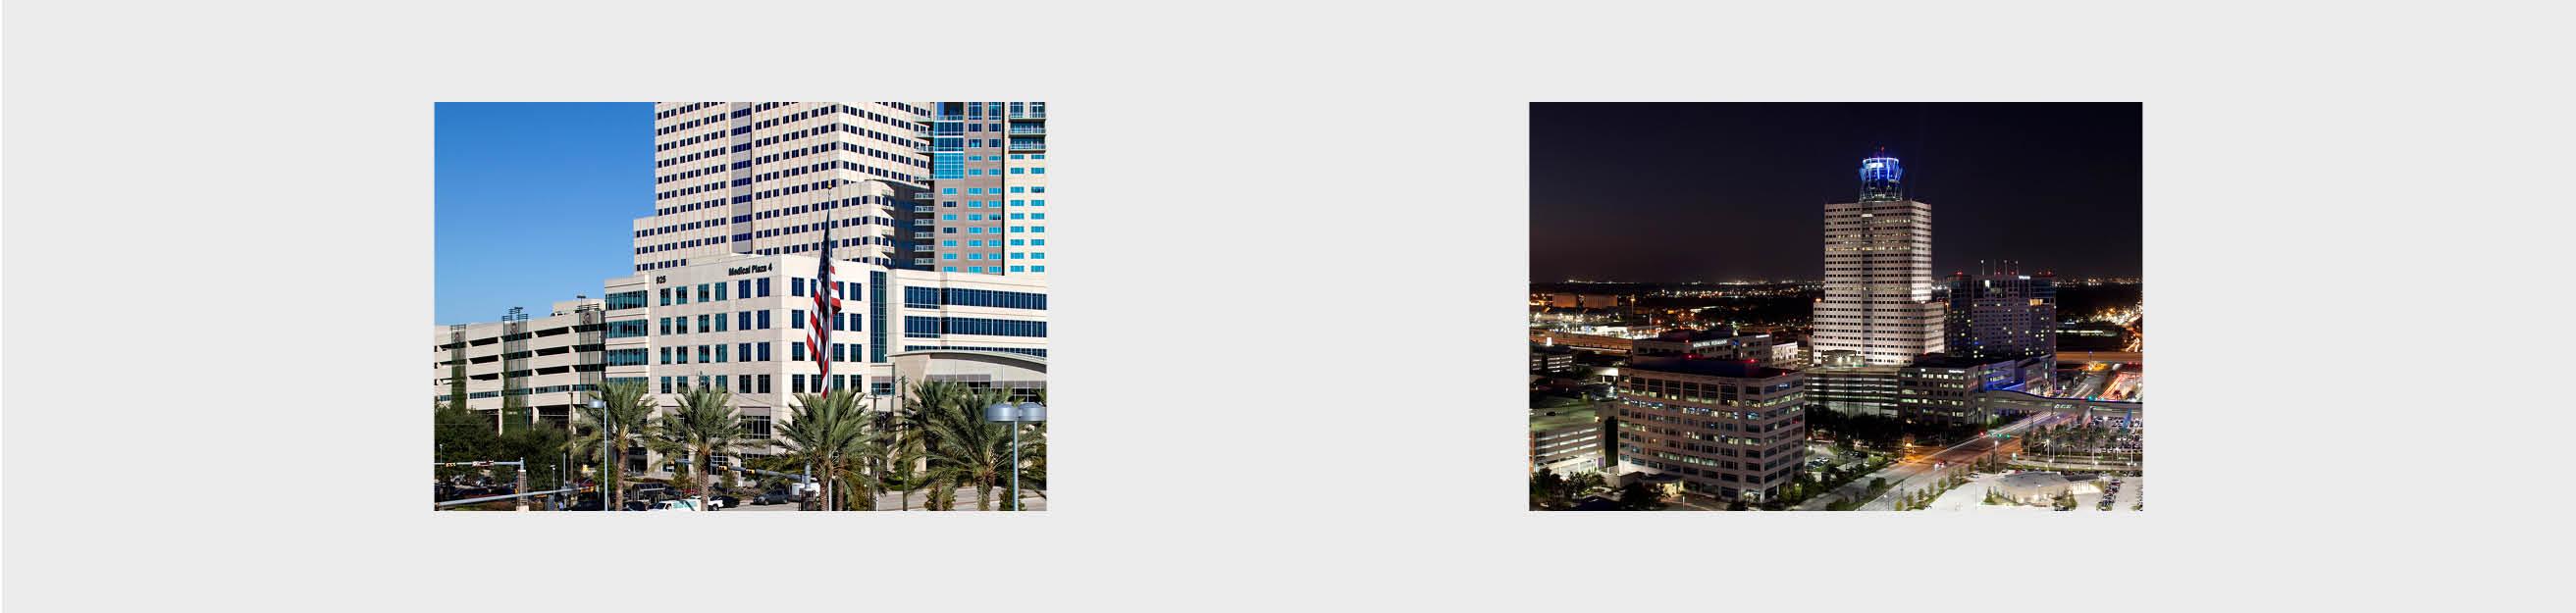 Memorial Hermann Memorial City Medical Center Houston